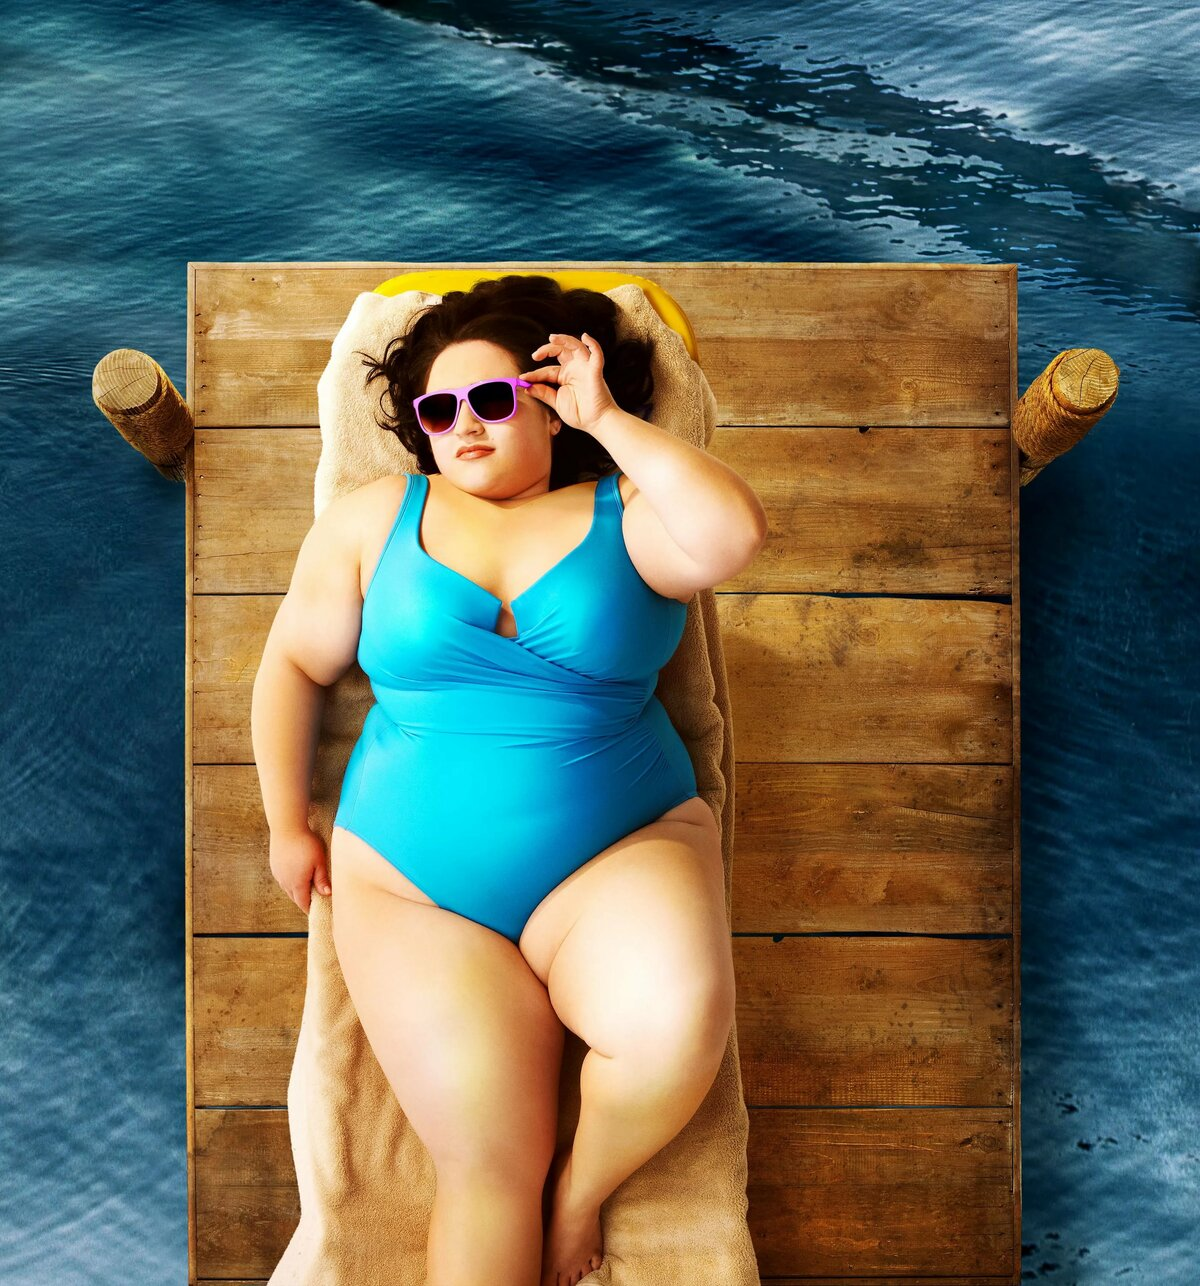 Порно сайт толстушек полненьких пышек женщин детородящего